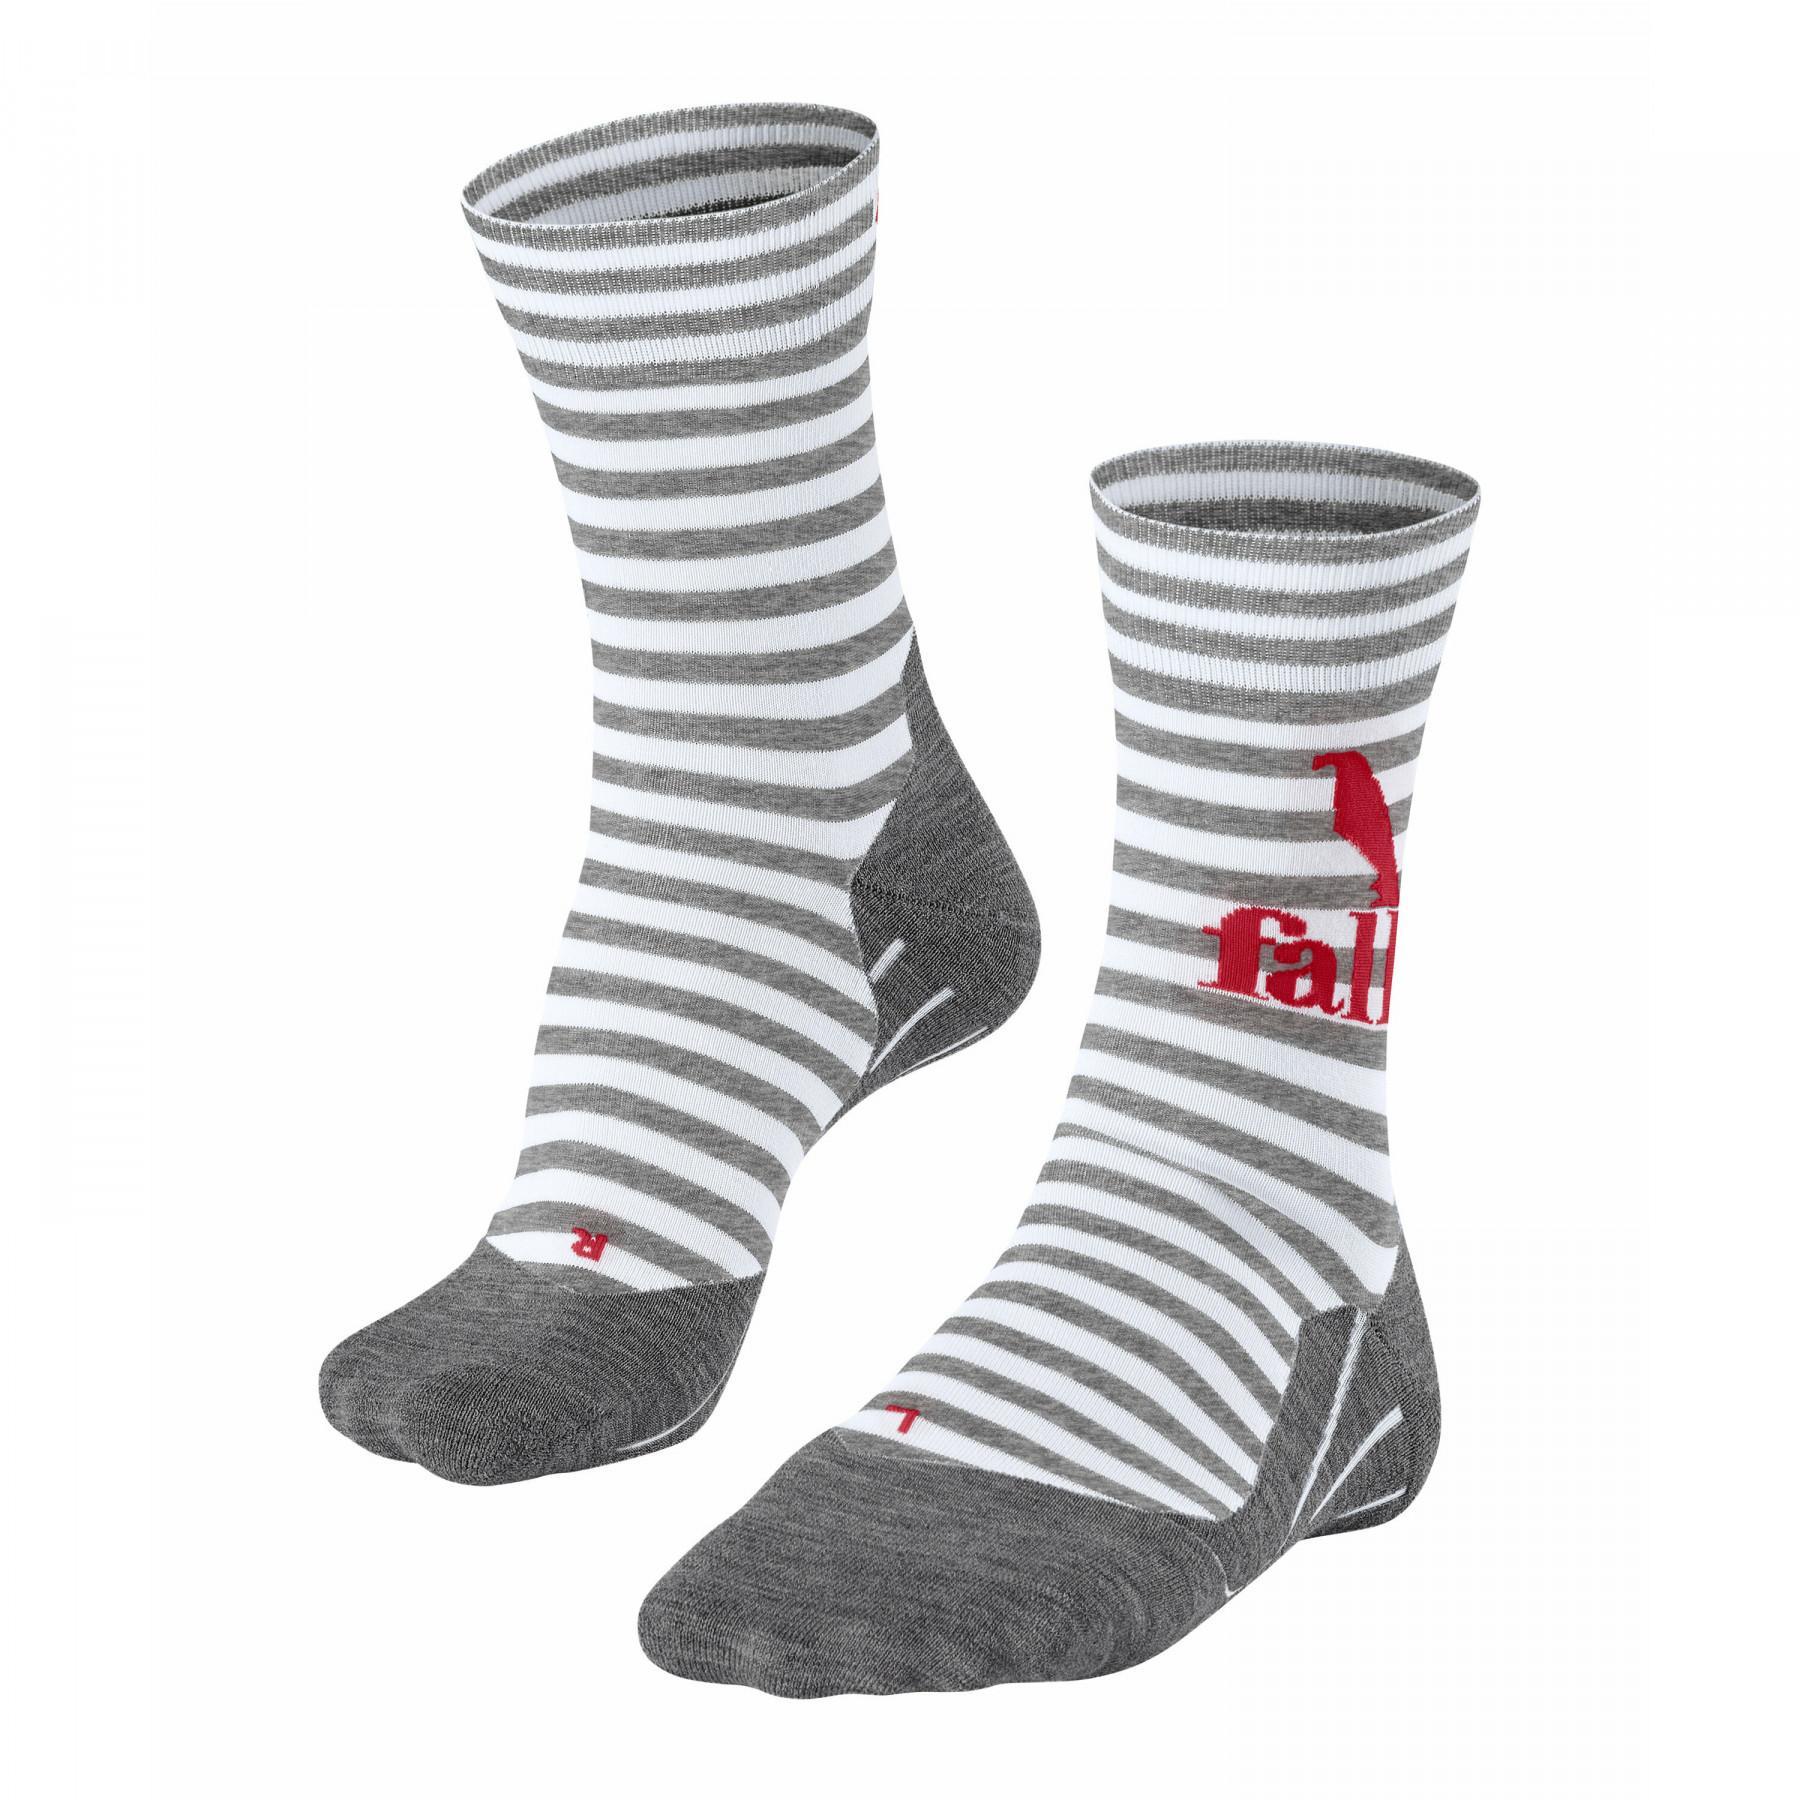 FALKE RU4 The T Socken Herren Running